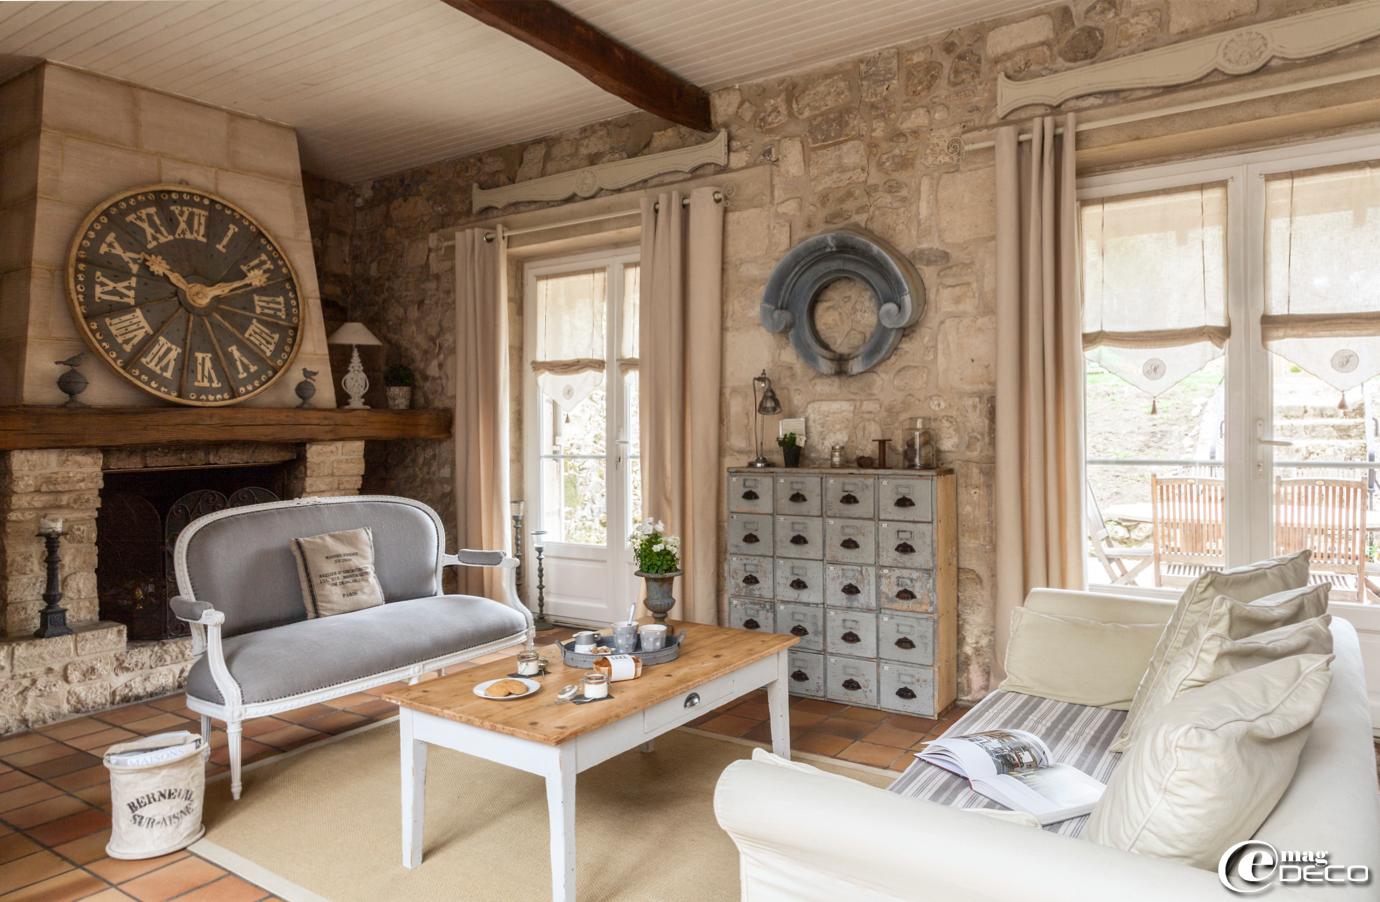 Lit Bois Et Chiffon Impressionnant Image Une Maison De Famille En Picar E Magdeco Magazine De Décoration